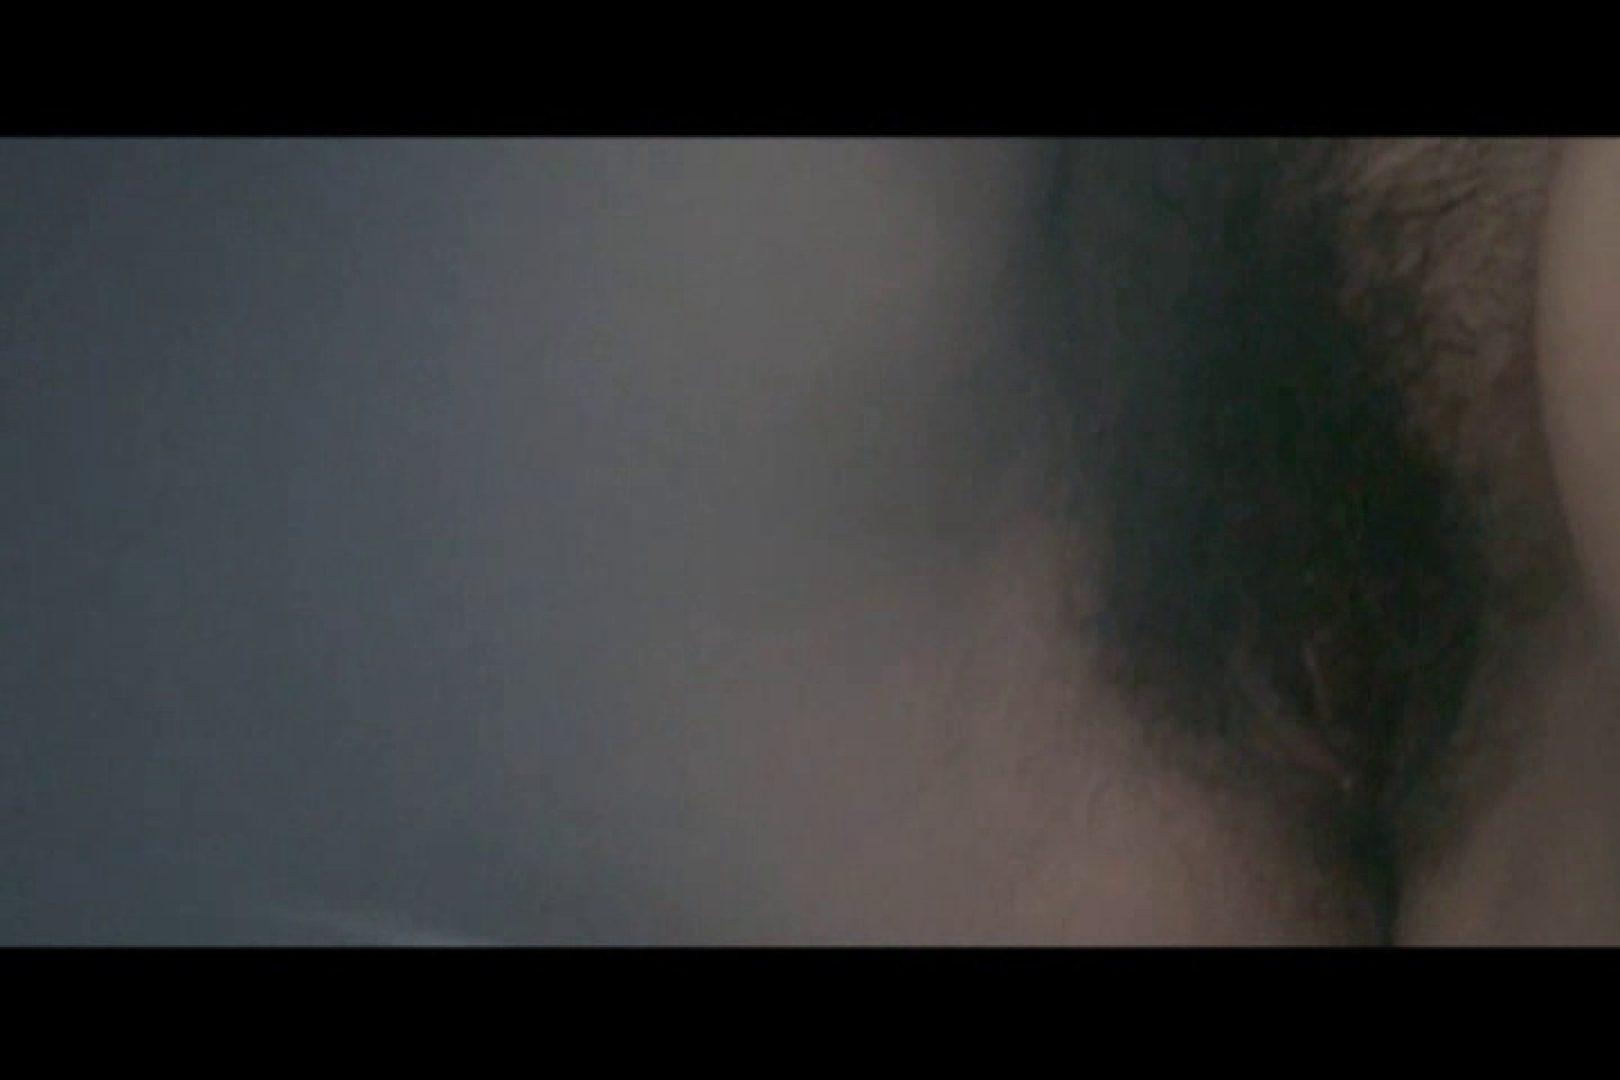 独占配信!無修正! 看護女子寮 vol.12 ナース 盗撮おまんこ無修正動画無料 67画像 27